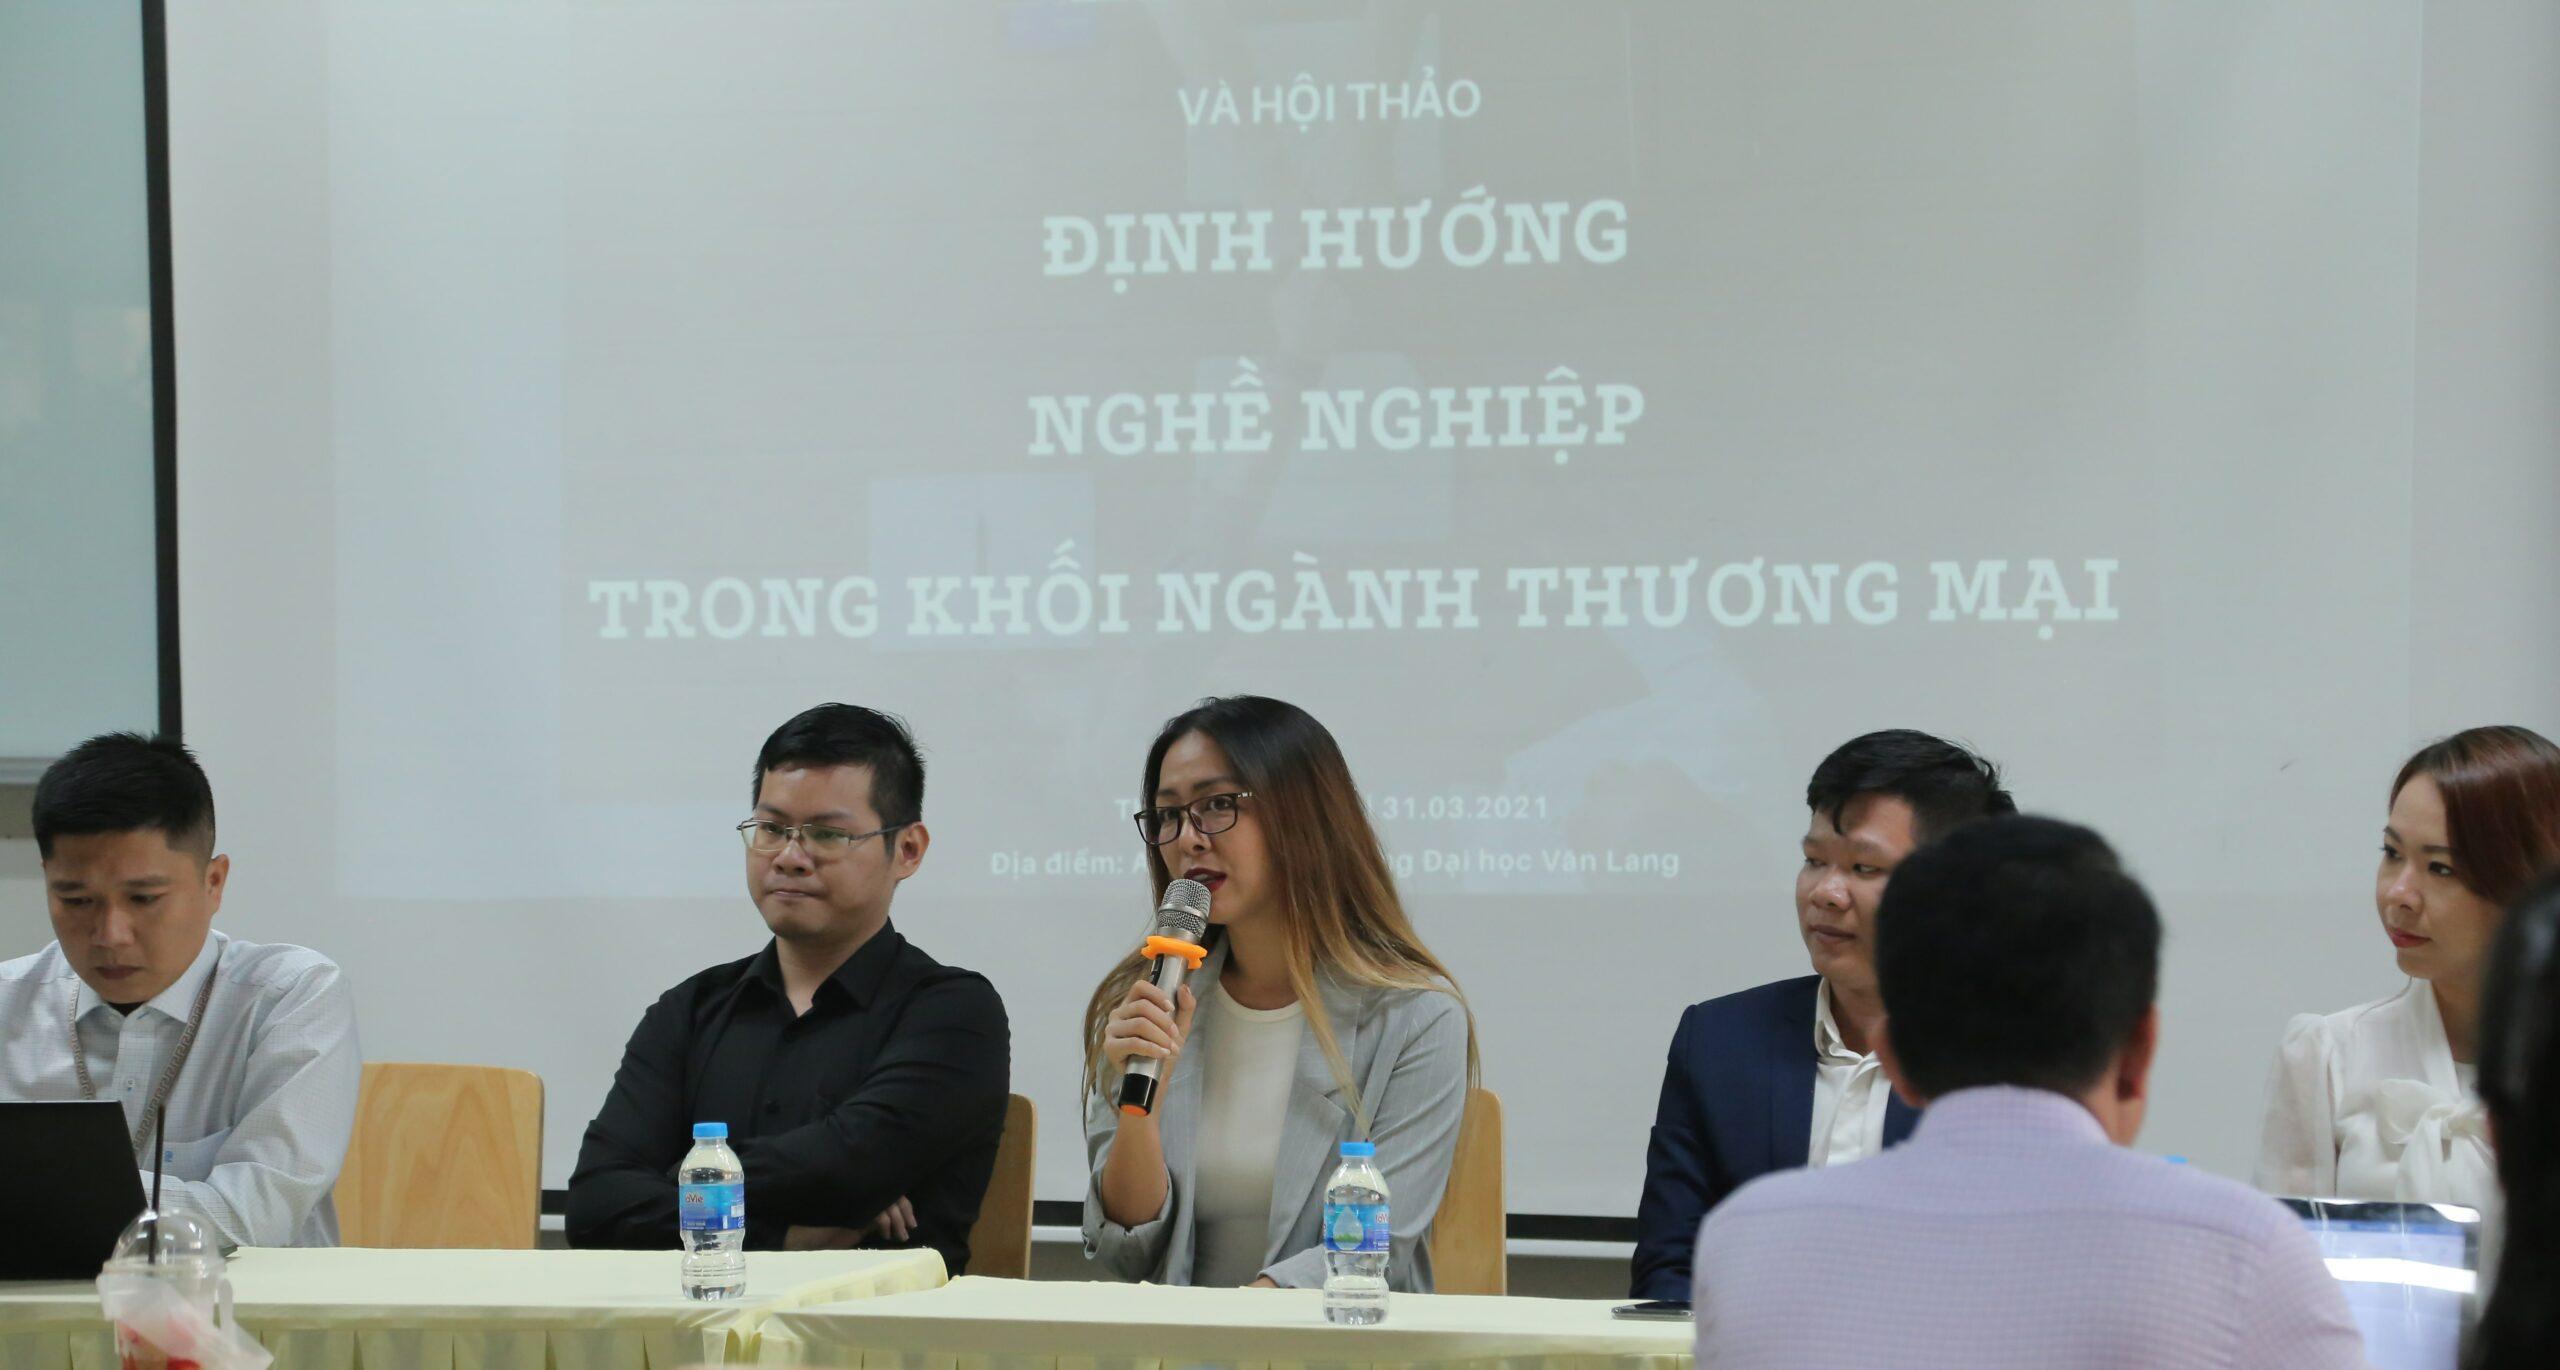 Sapo tham gia Lễ ký MOU và Tọa đàm định hướng tương lai khối ngành Thương mại với trường Đại học Văn Lang